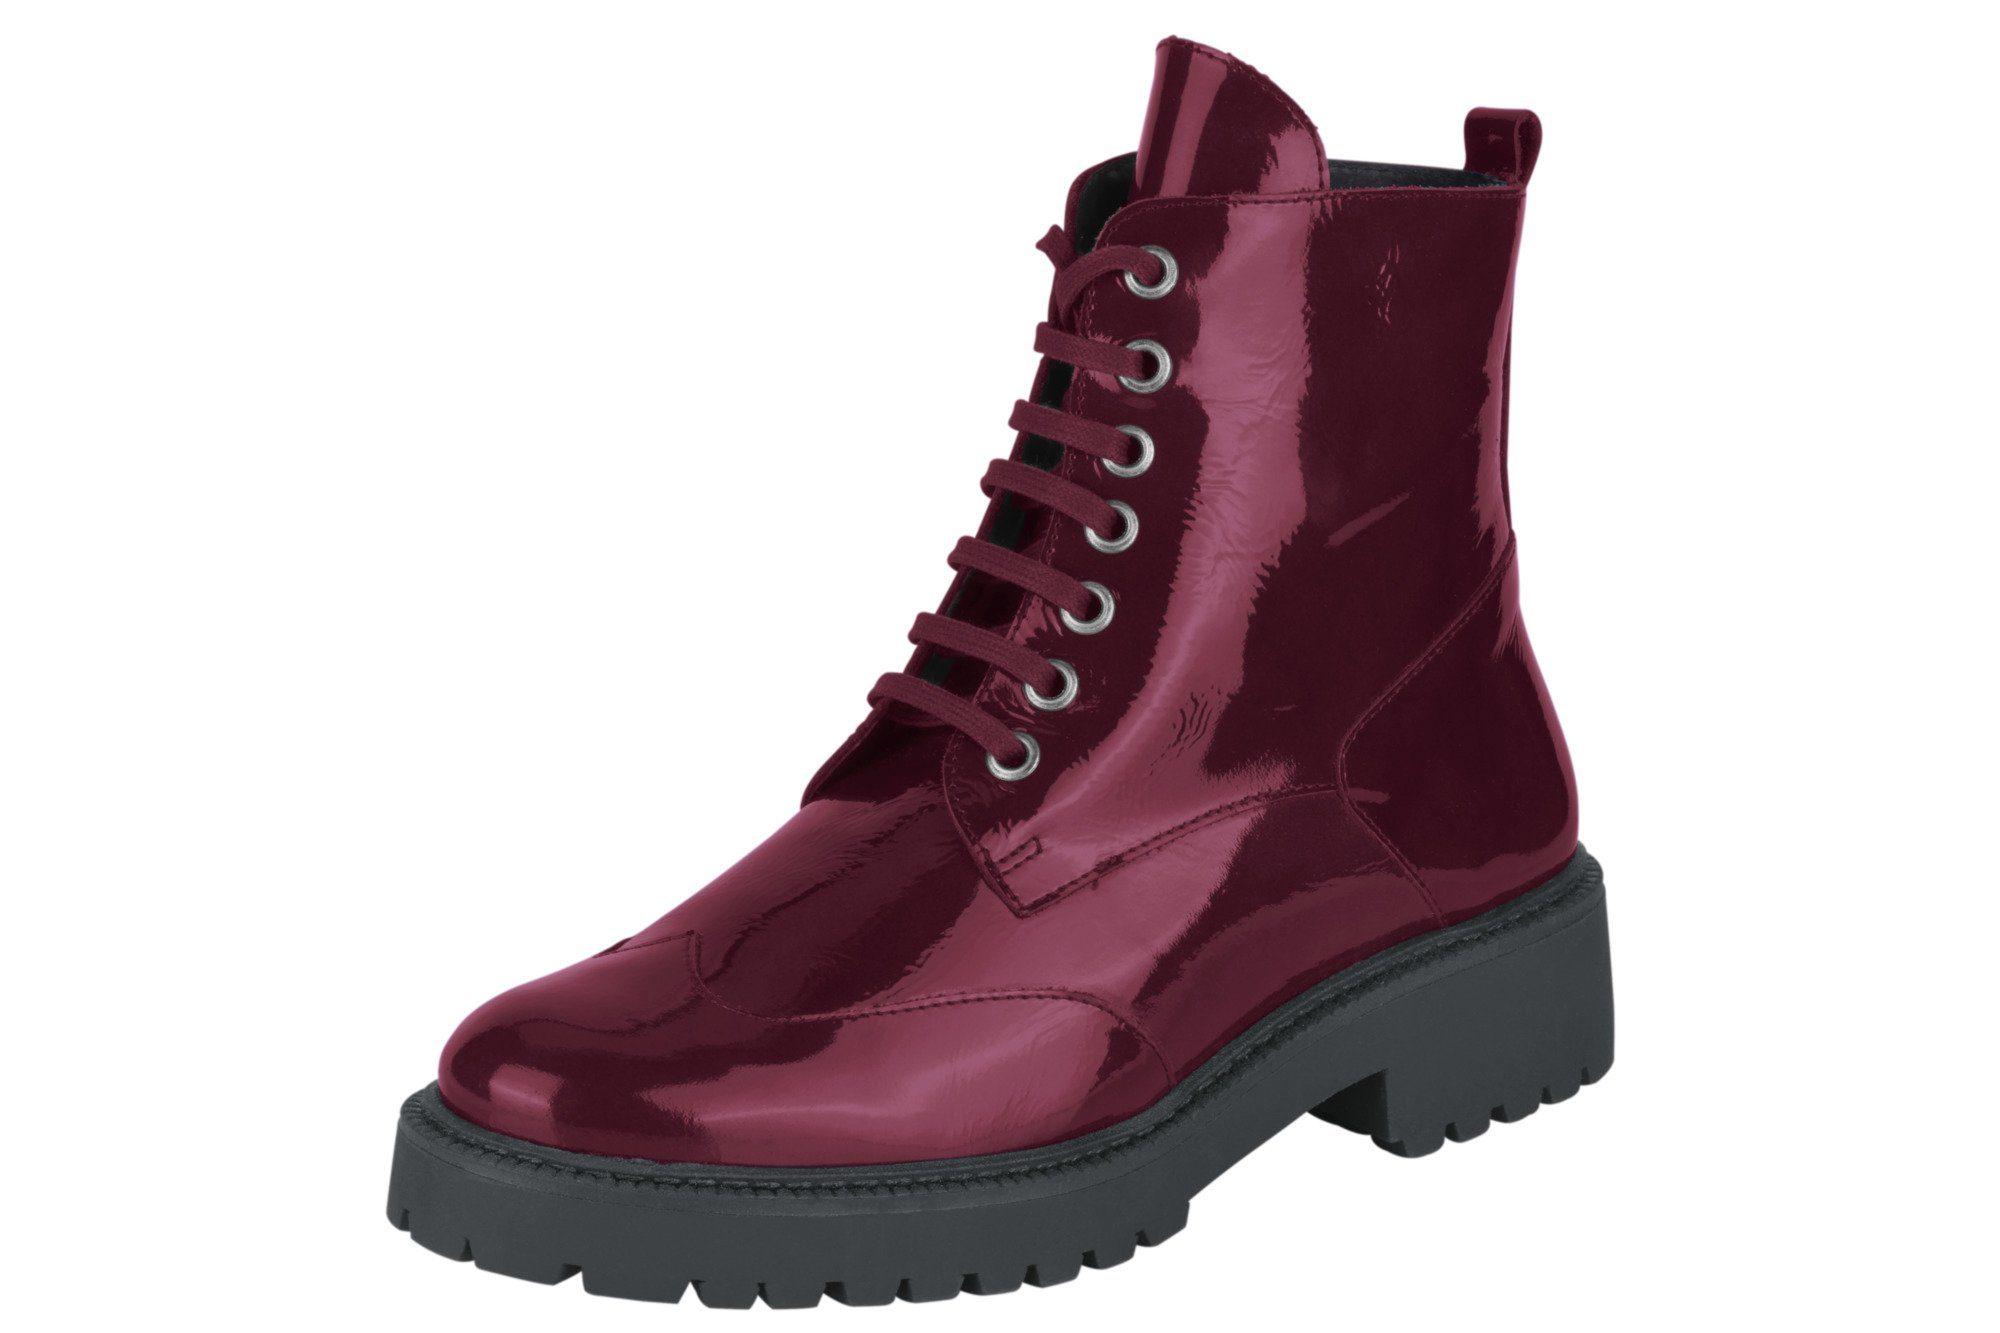 Details zu Rieker Stiefelette Booty Boots Gr. 38 bis 41 mit Schnürung (121) NEU